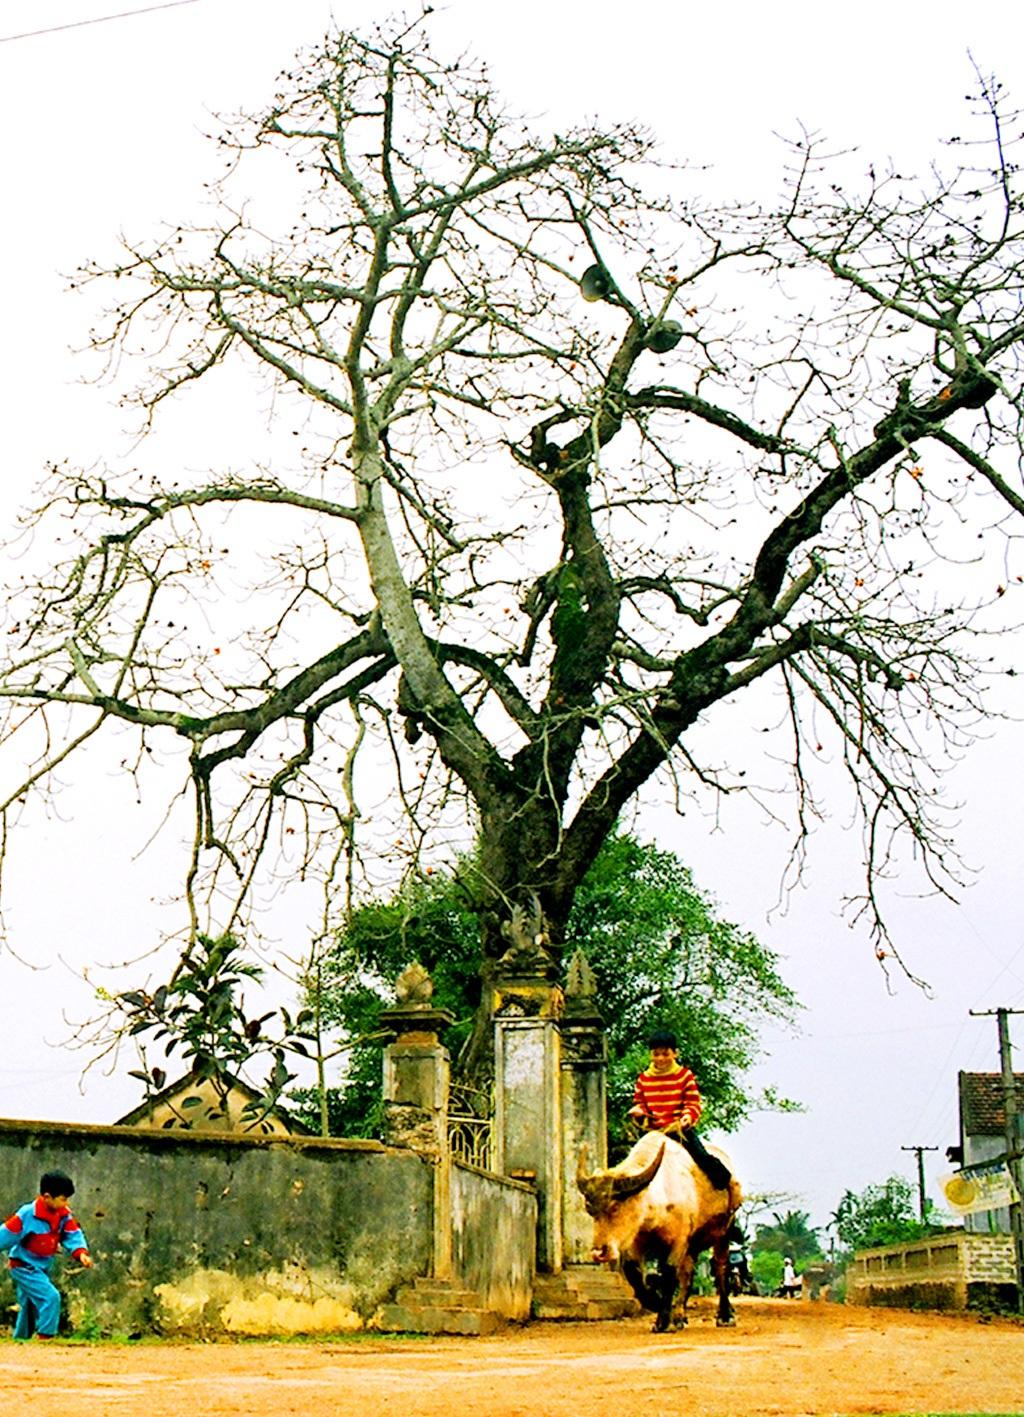 Bóng cây đa, hoa cây gạo - khi đi xa về, nhìn thấy bóng cây đa sum suê hay hoa gạo đỏ rực tháng ba, những người con xa quê biết rằng mình đã về đến quê cha đất tổ (ảnh Cảnh Yên)